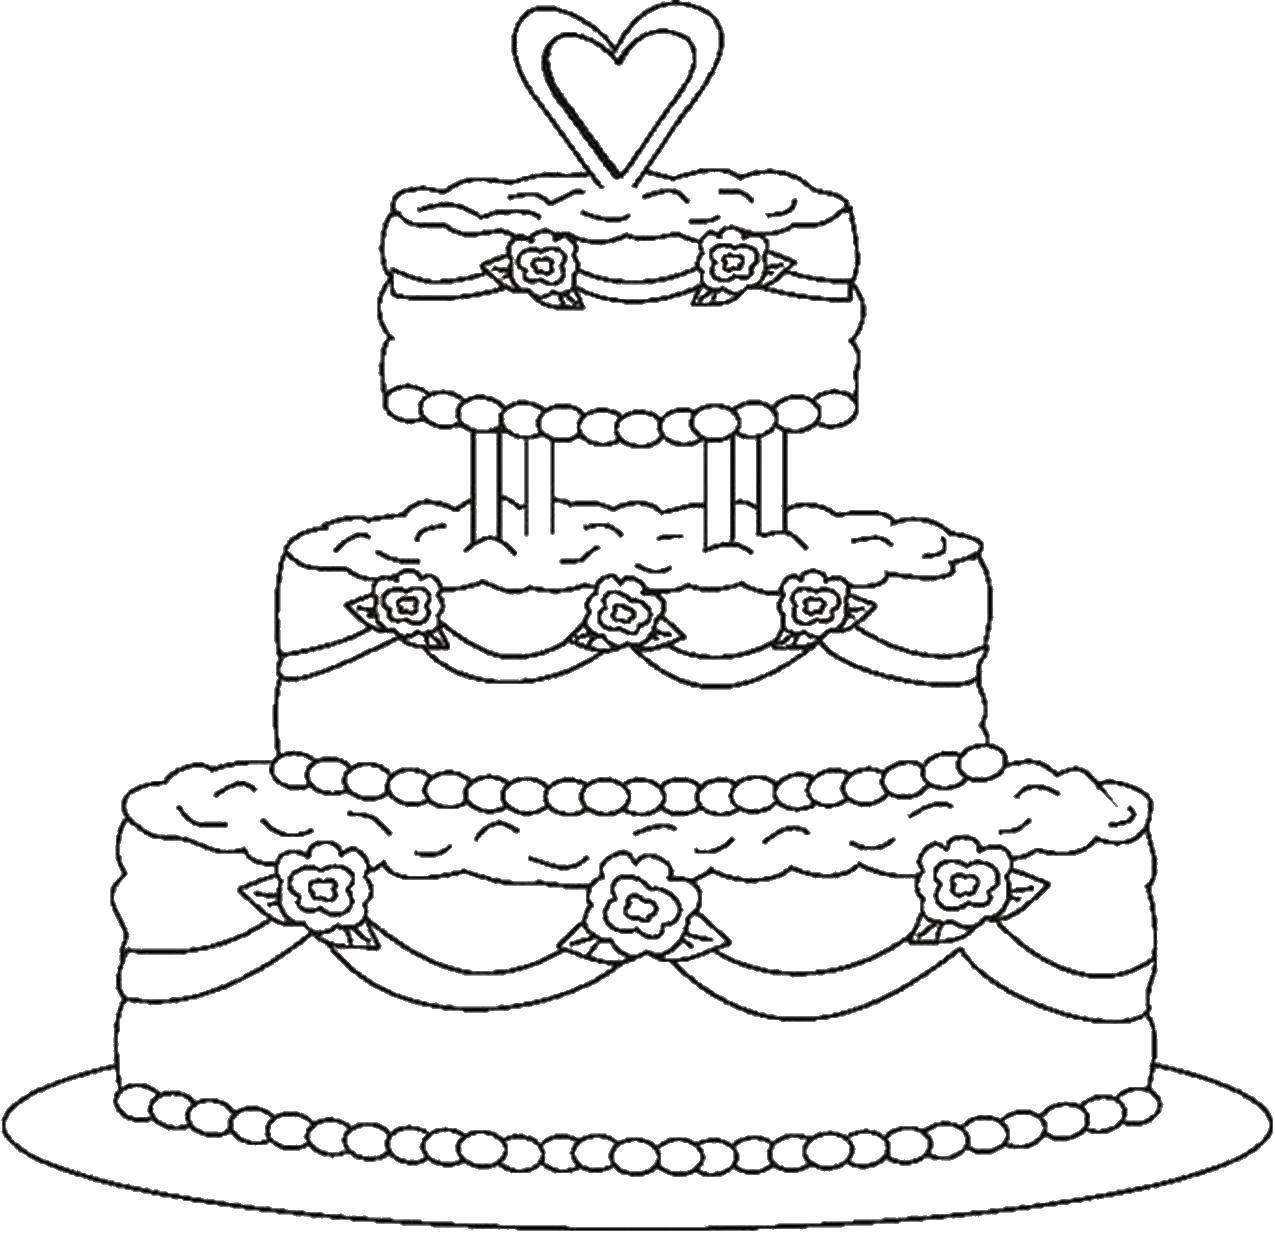 Раскраски Раскраска Торт с вишенкой торты, скачать ...